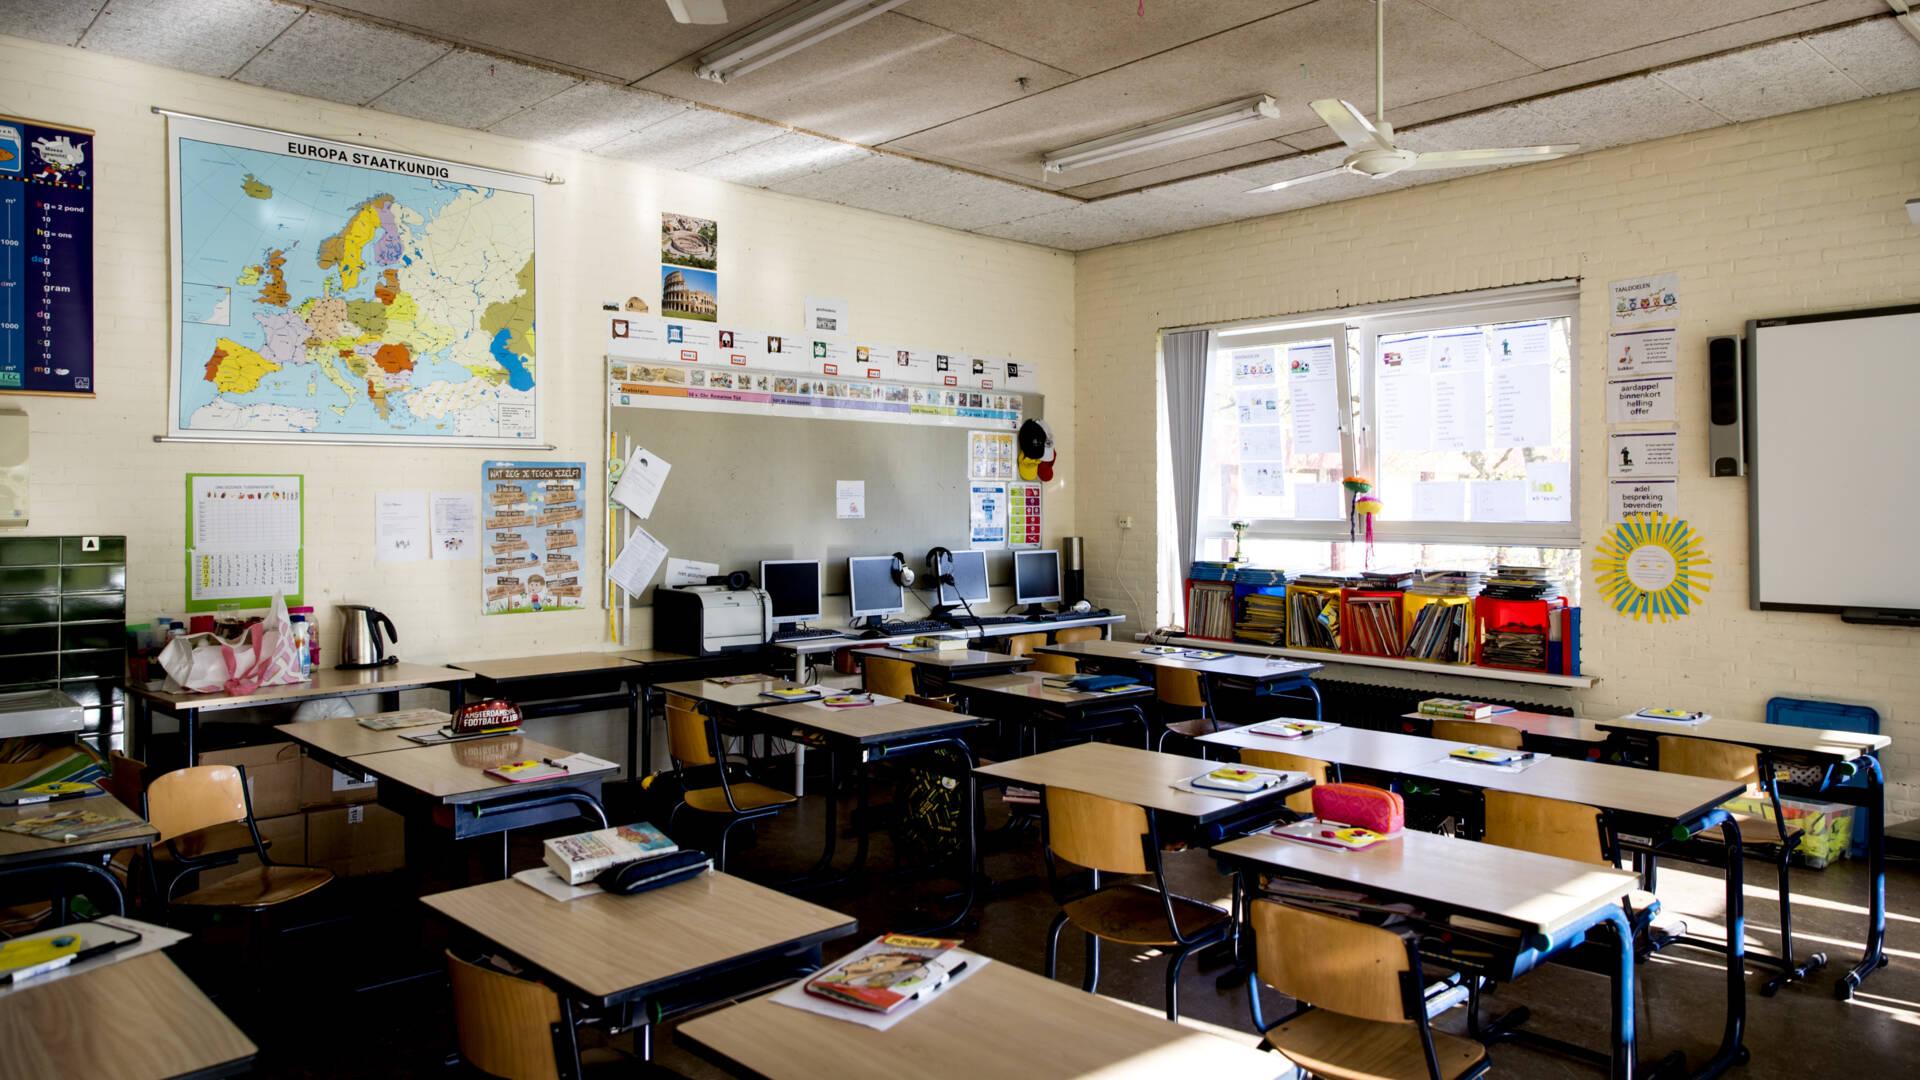 باحث شكاوى الأطفال: يجب تحسين التعليم للأطفال ذوي الاحتياجات الخاصة